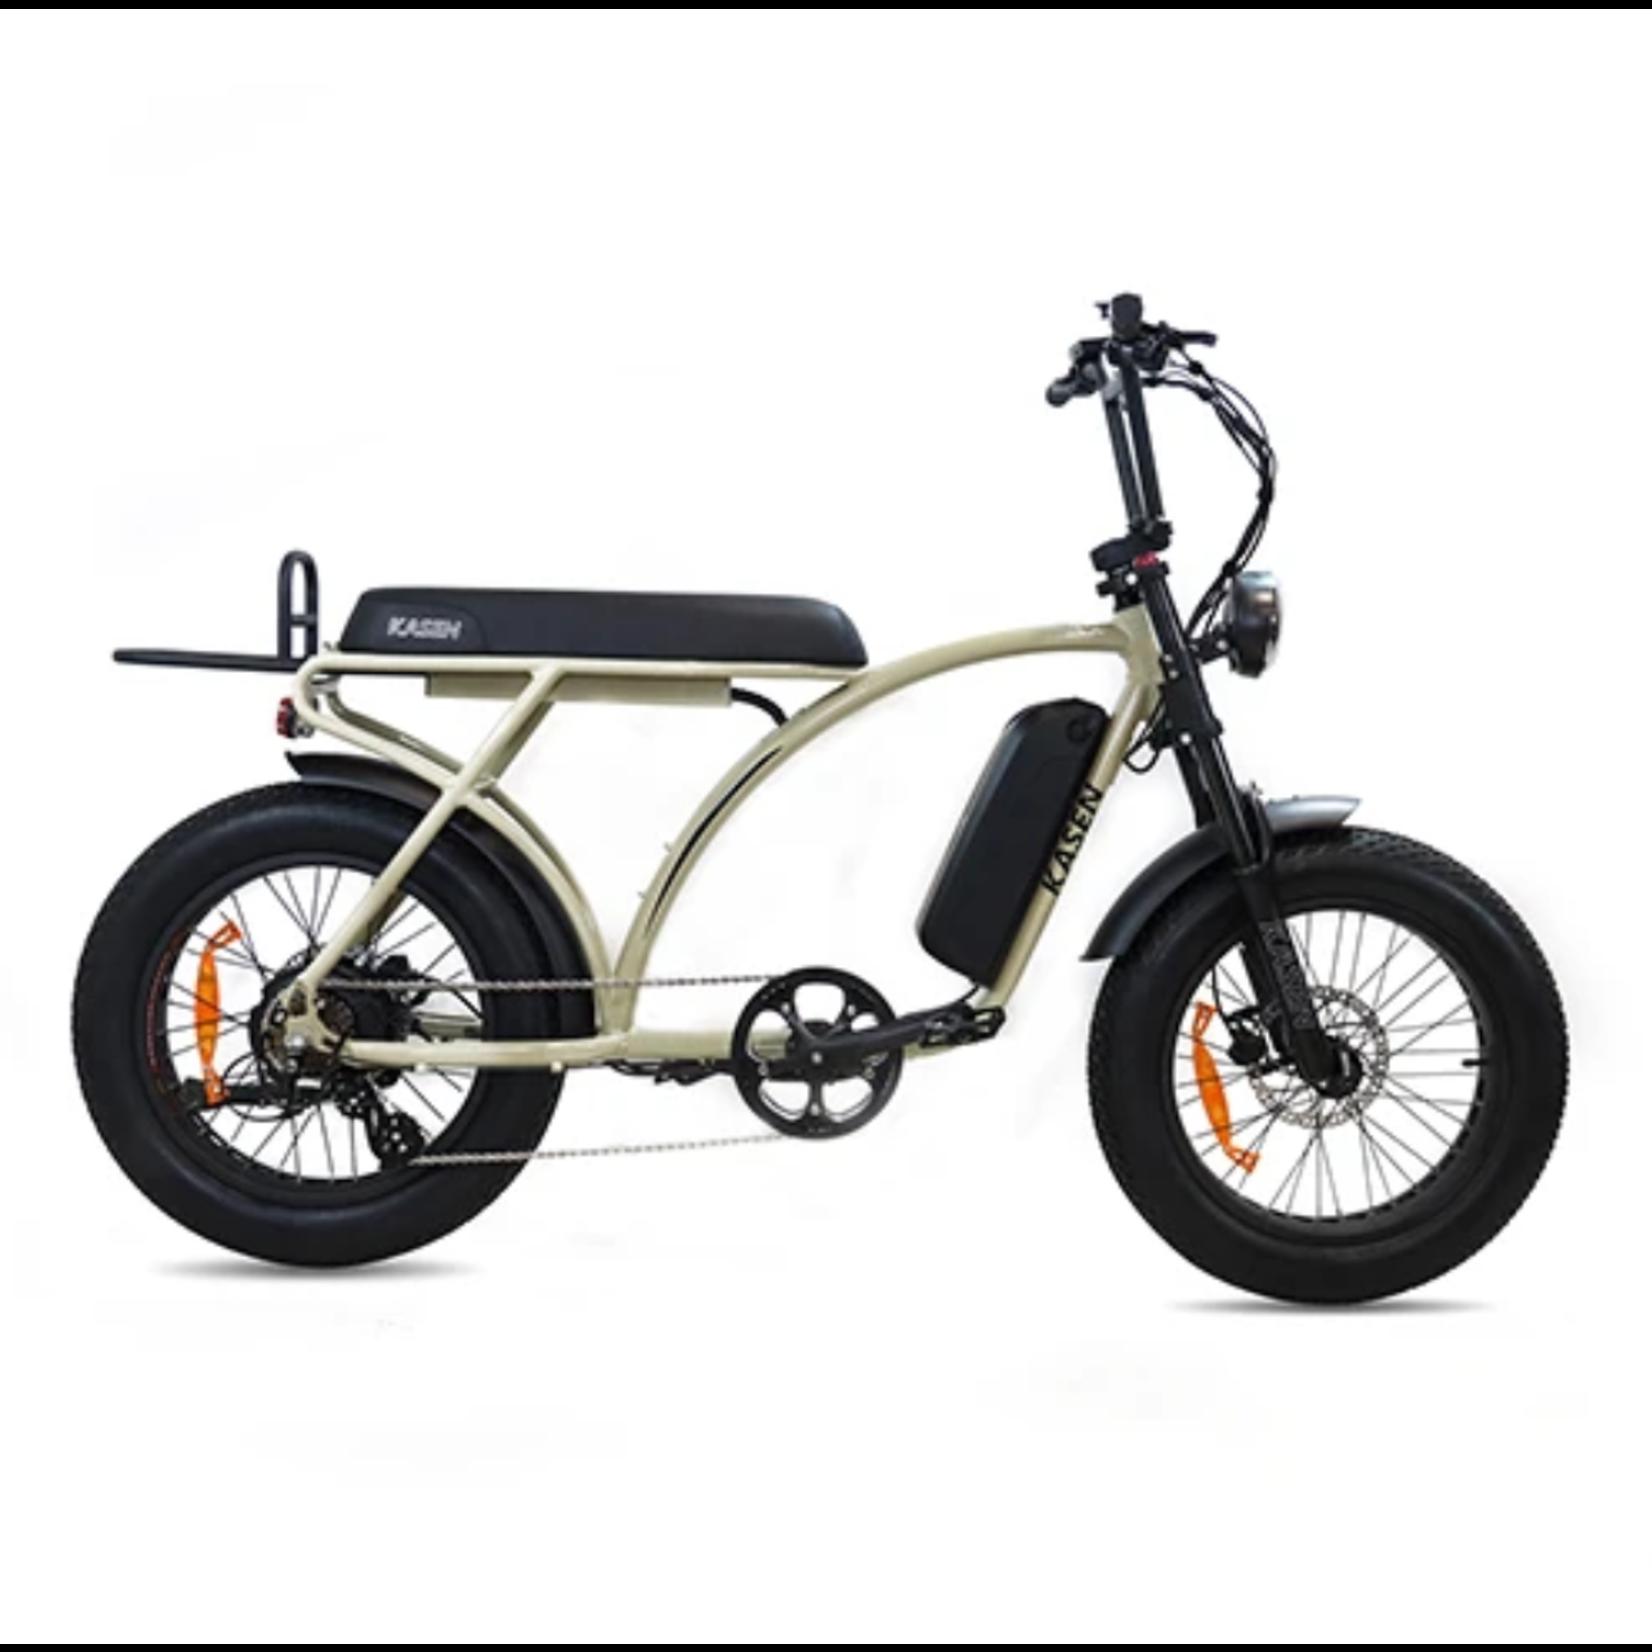 Kasen - Kabbit 750  Watt